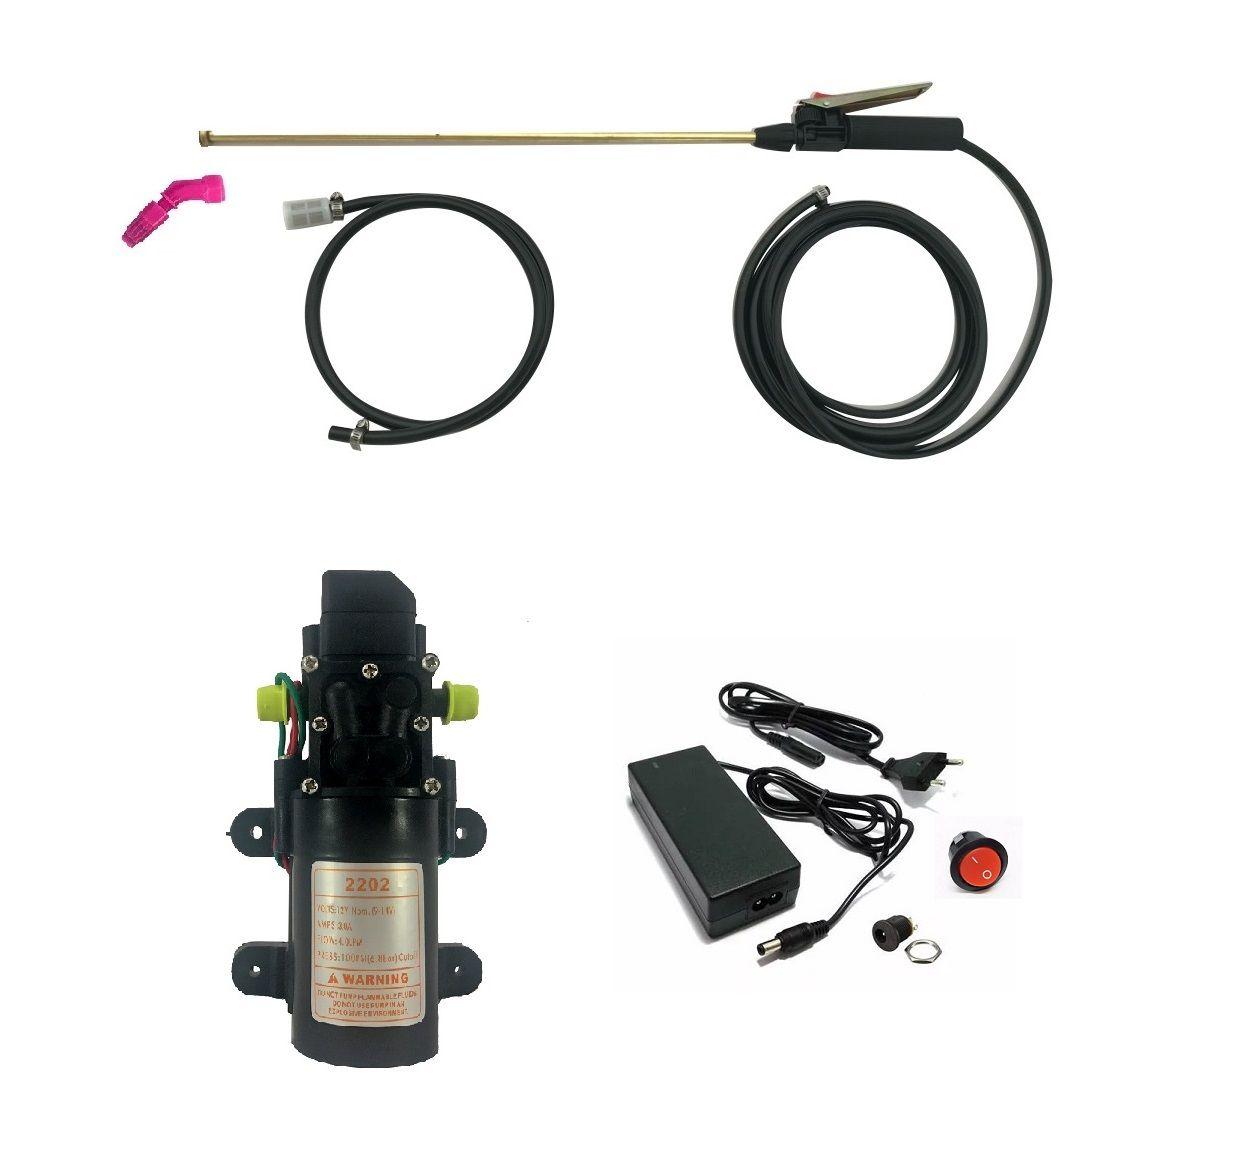 Kit Motor Diafragma 100Psi, Fonte com Conexões, Botão, Lança e Gatilho